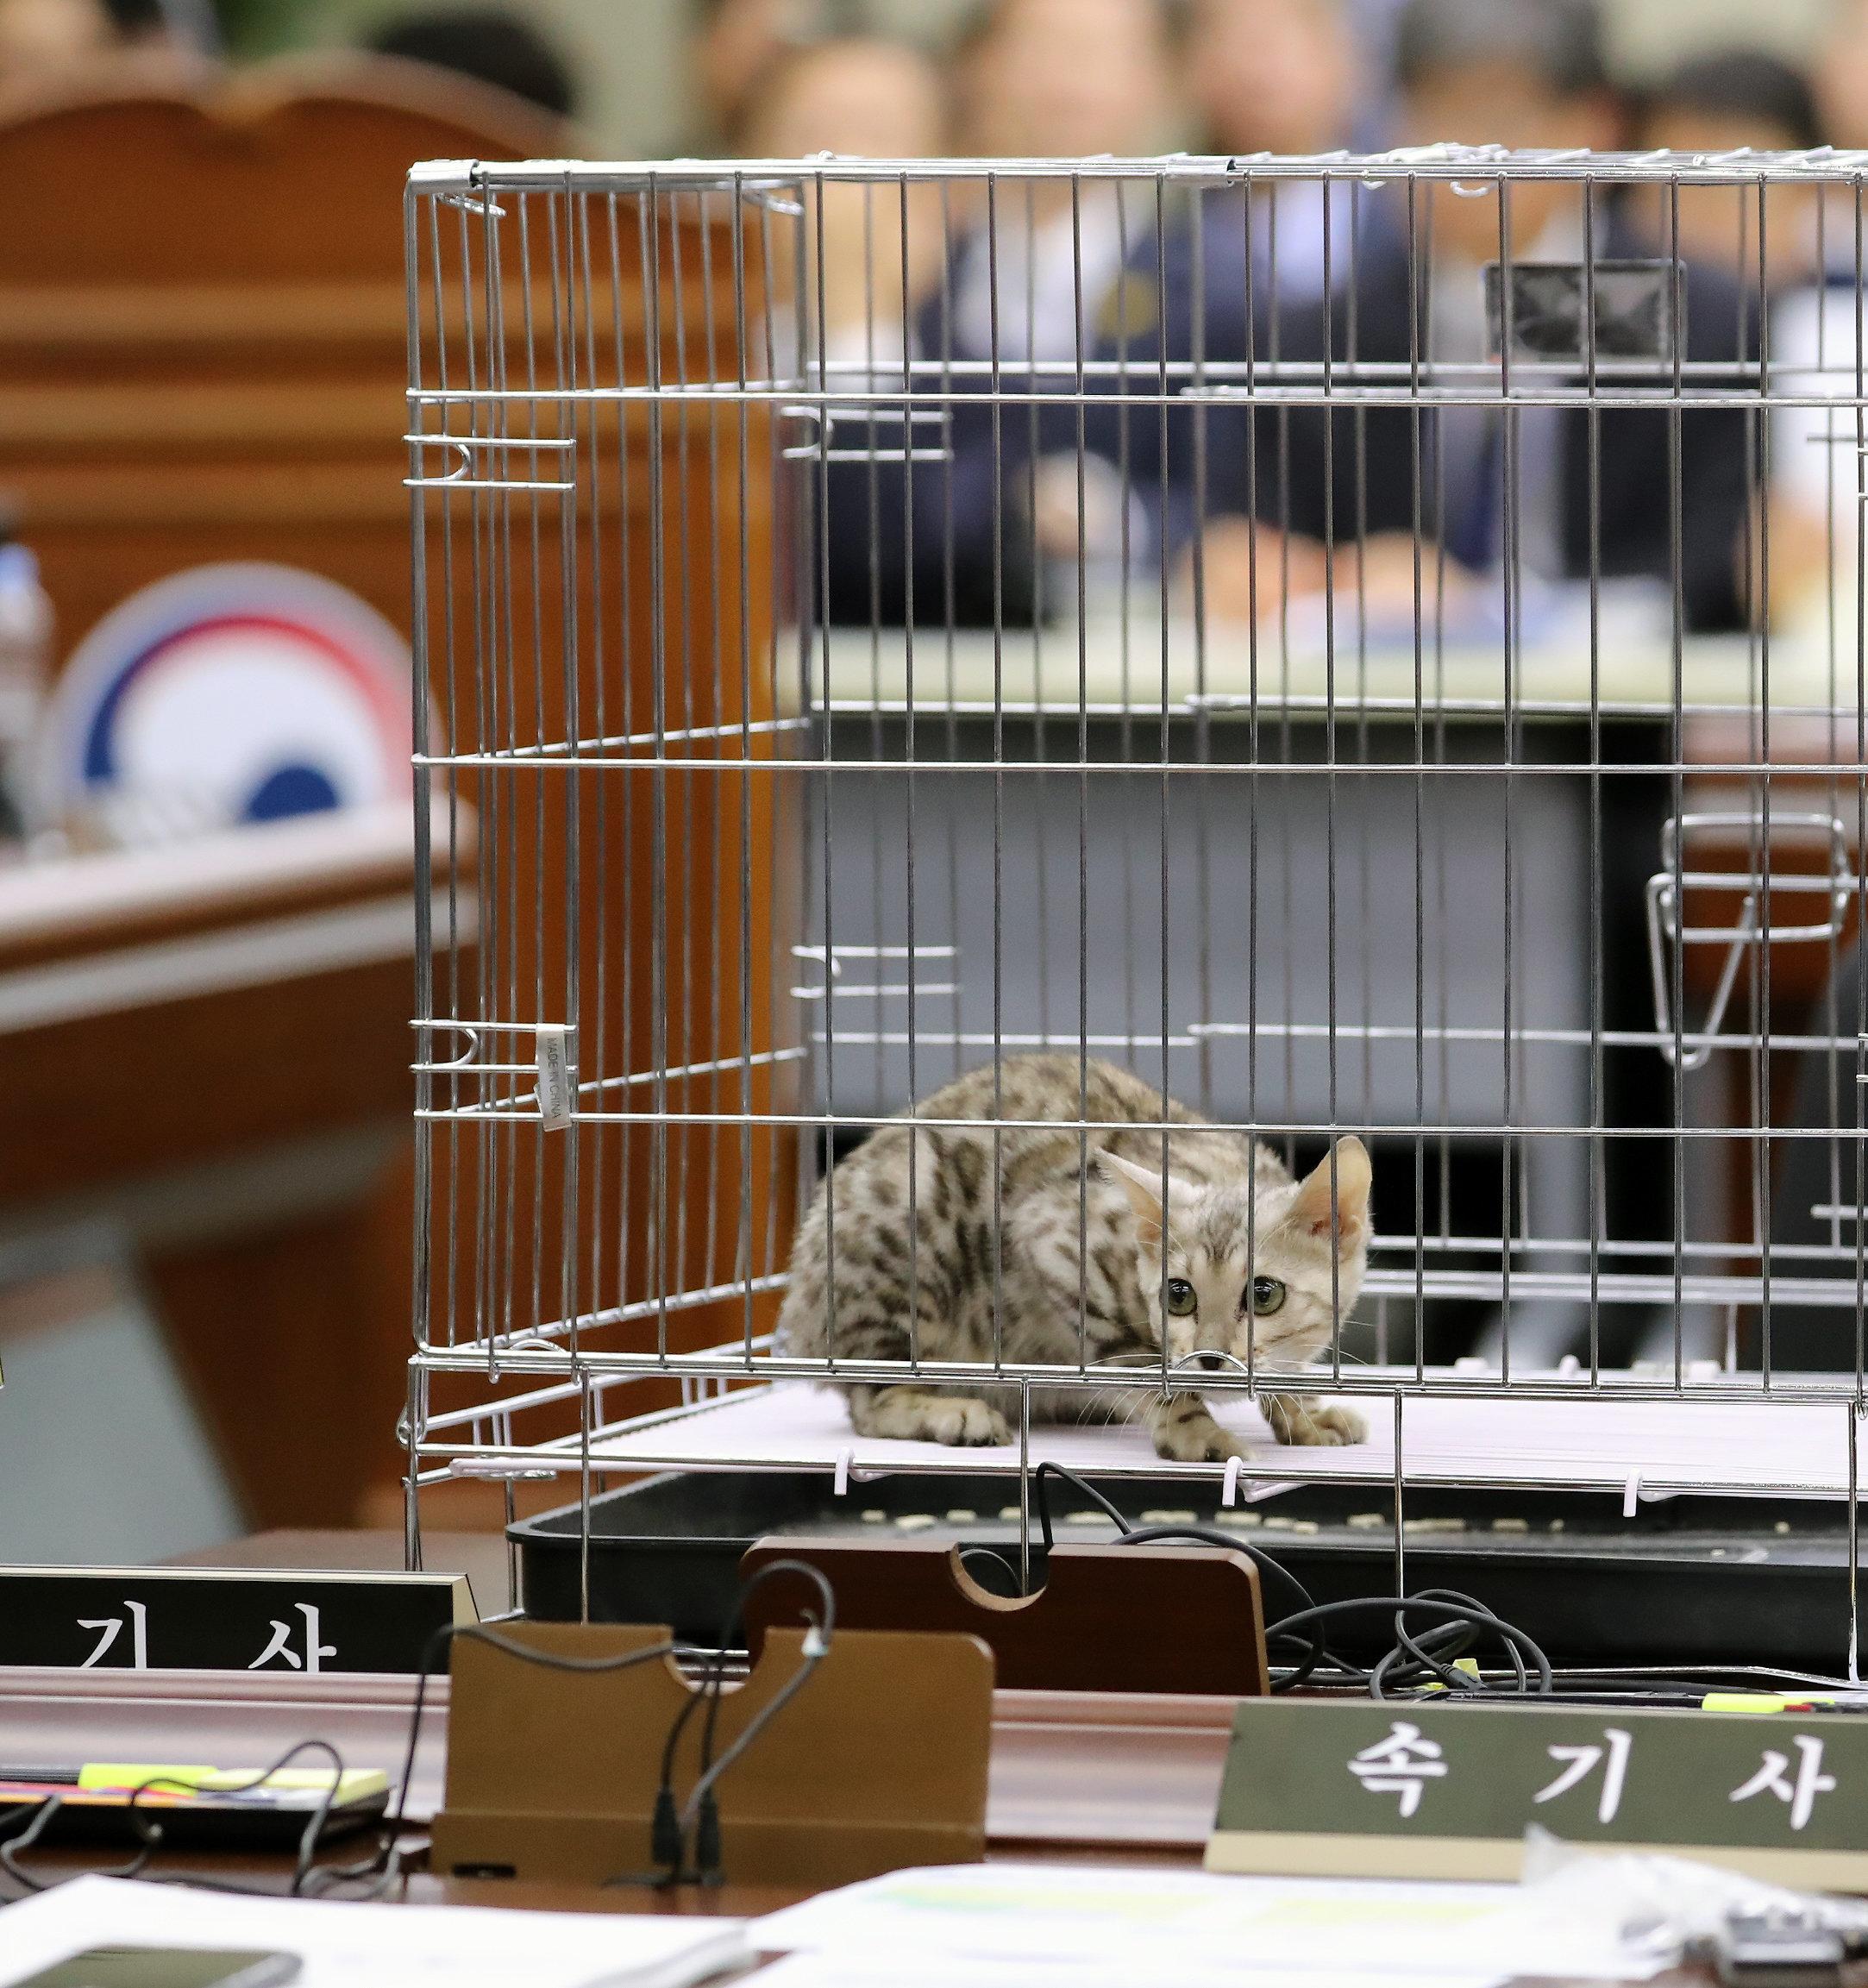 국감장에 '벵갈고양이' 못 들여오게 하는 법안이